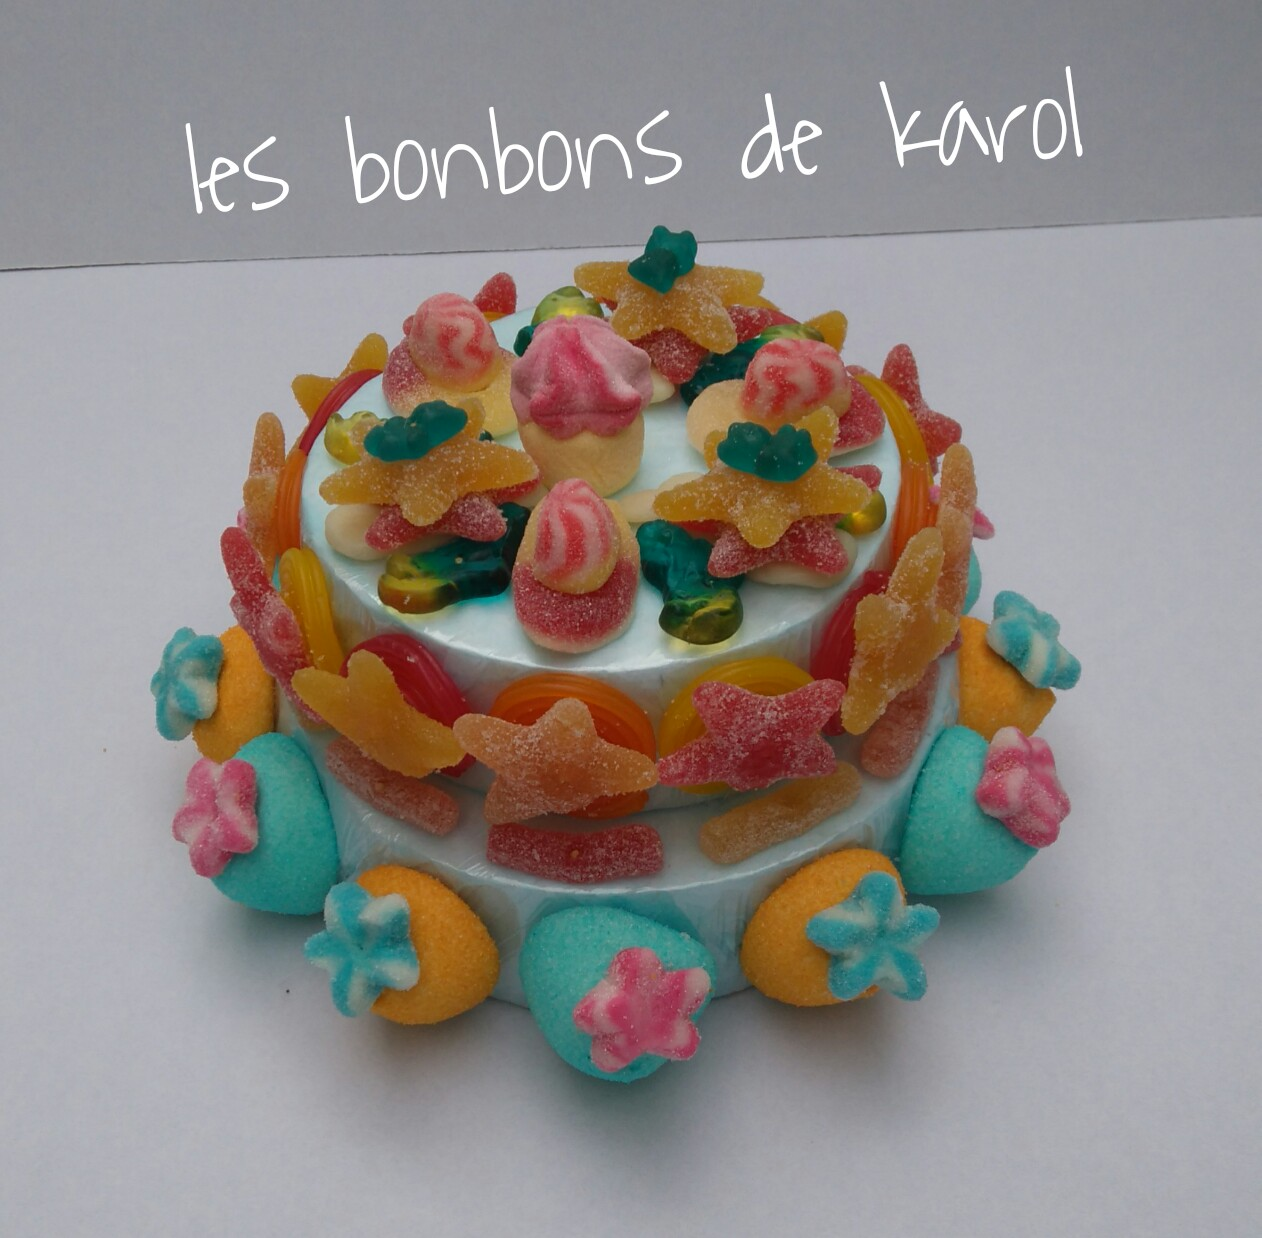 L'ETOILé 20 € (626 gr et 83 bonbons - diam. 26 ht 15 cm)